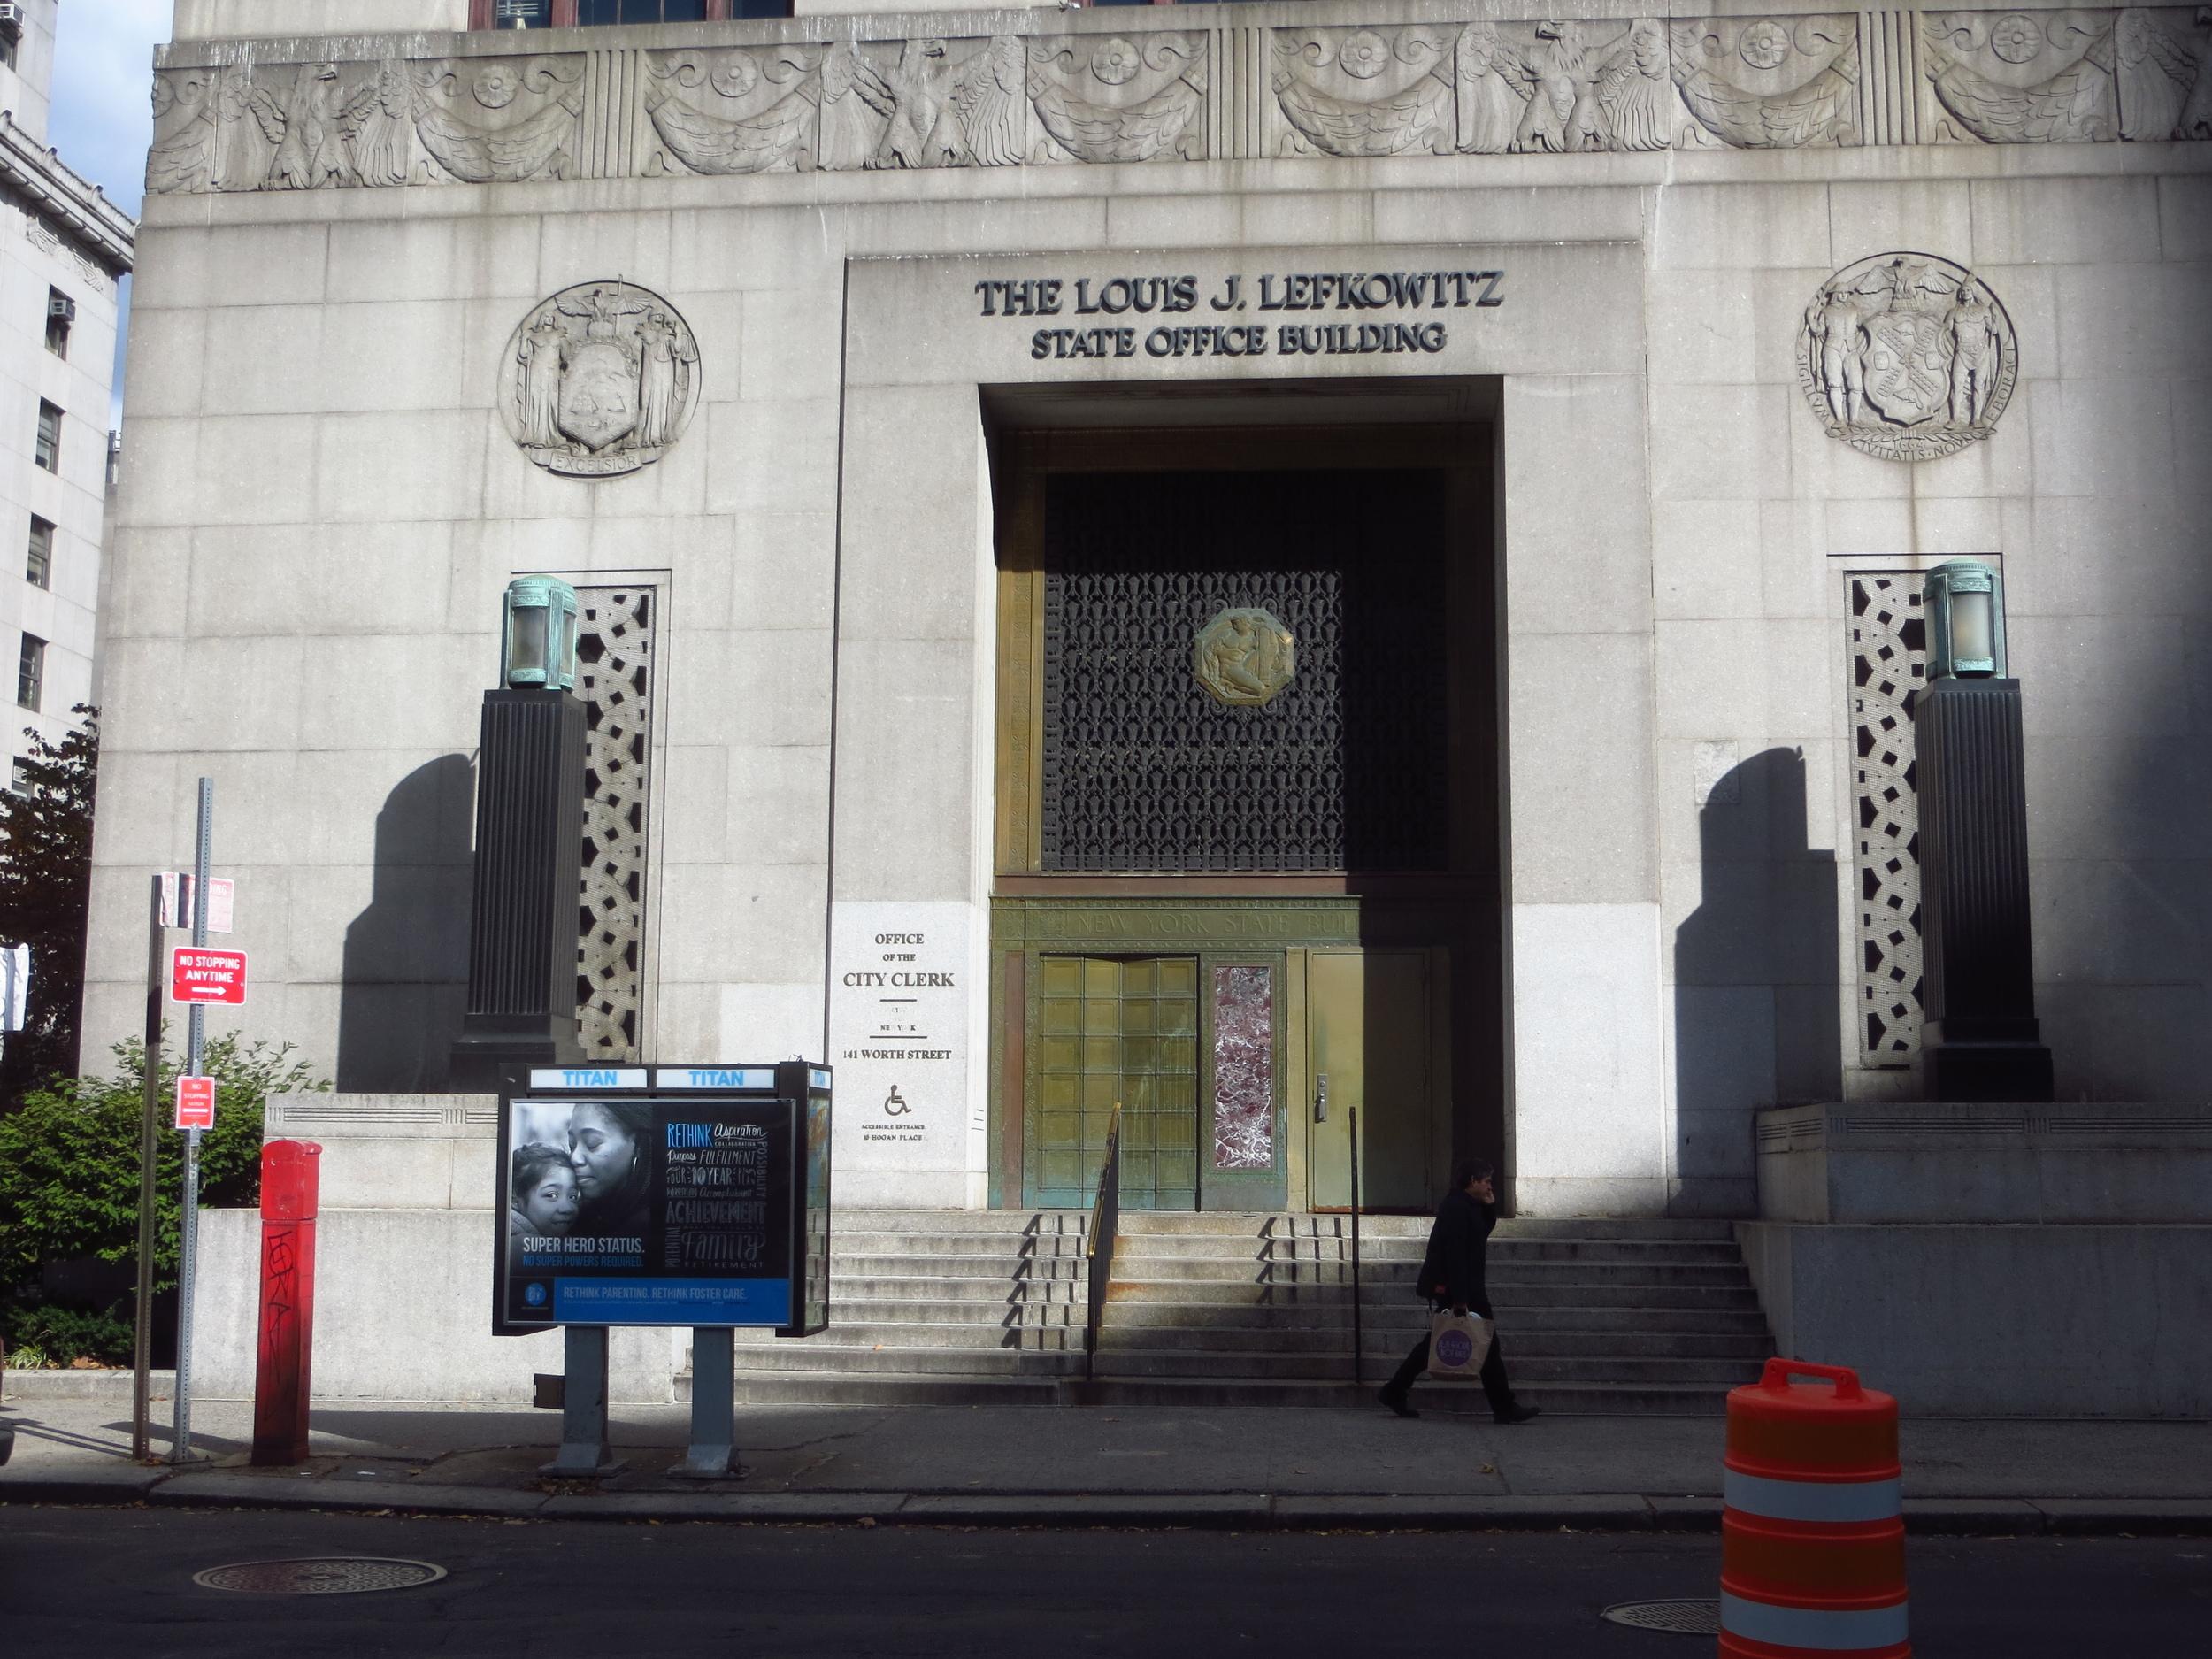 City Clerk's Office (I got married here)